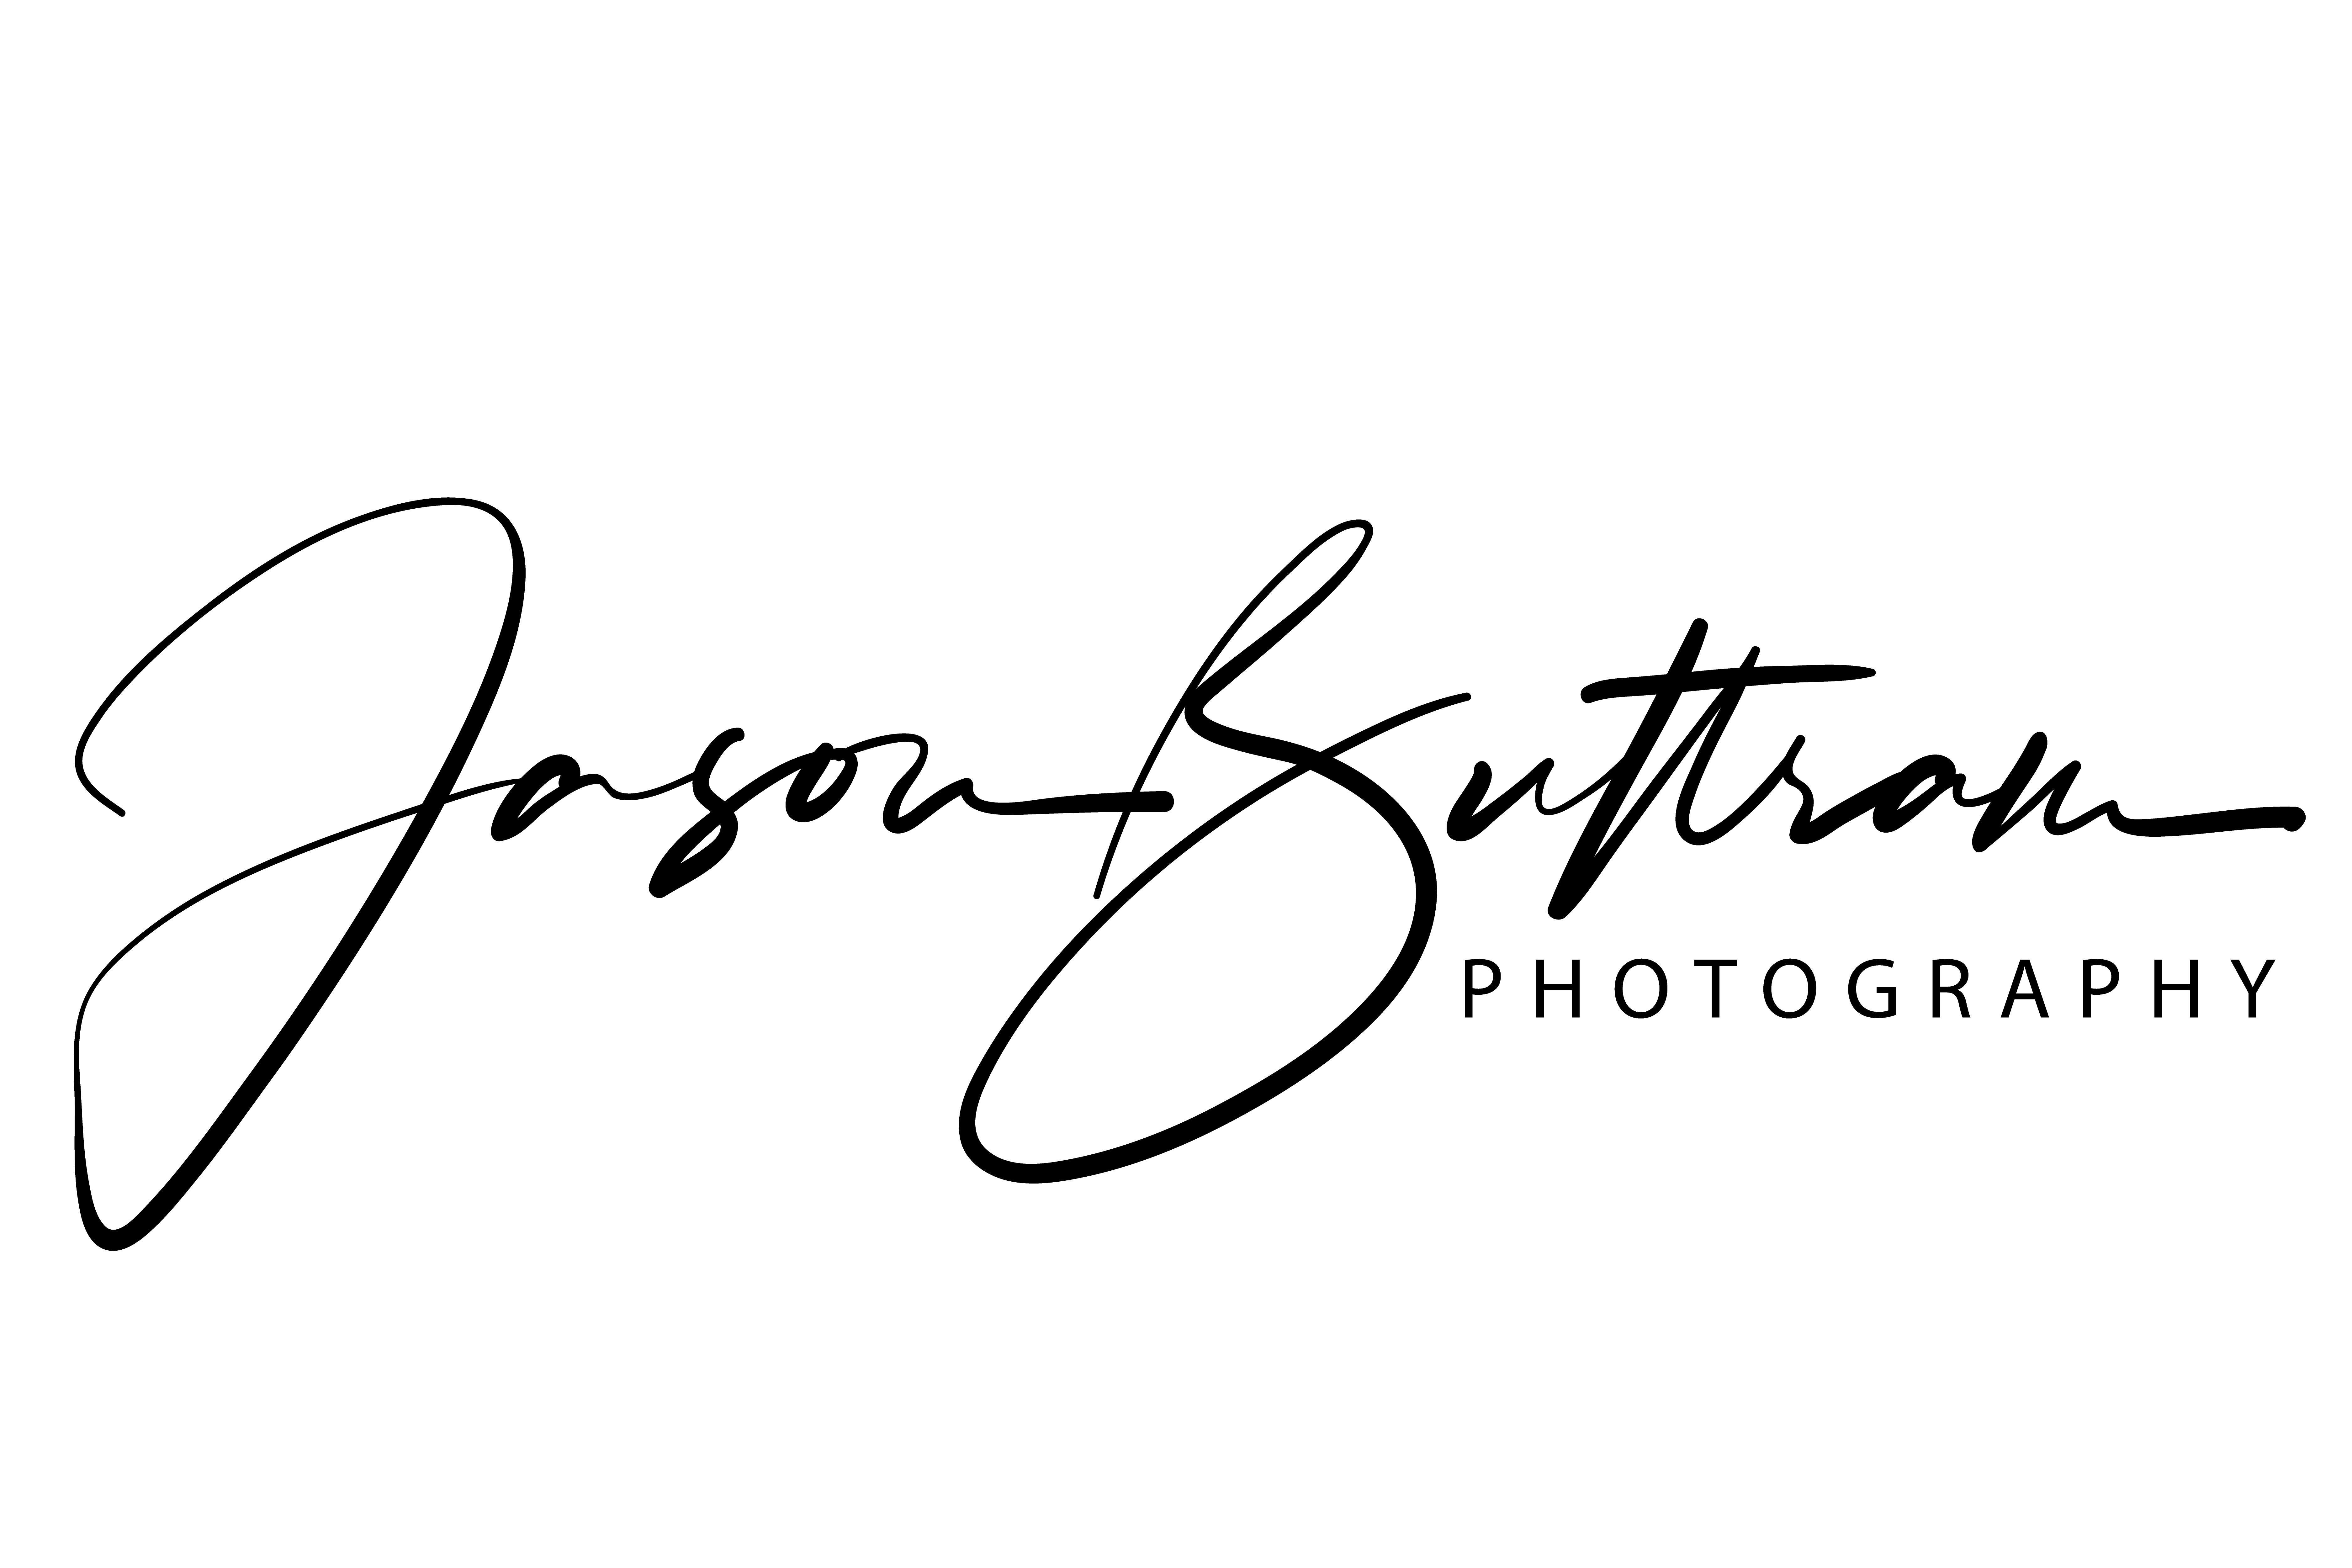 Jason Buttram Photography